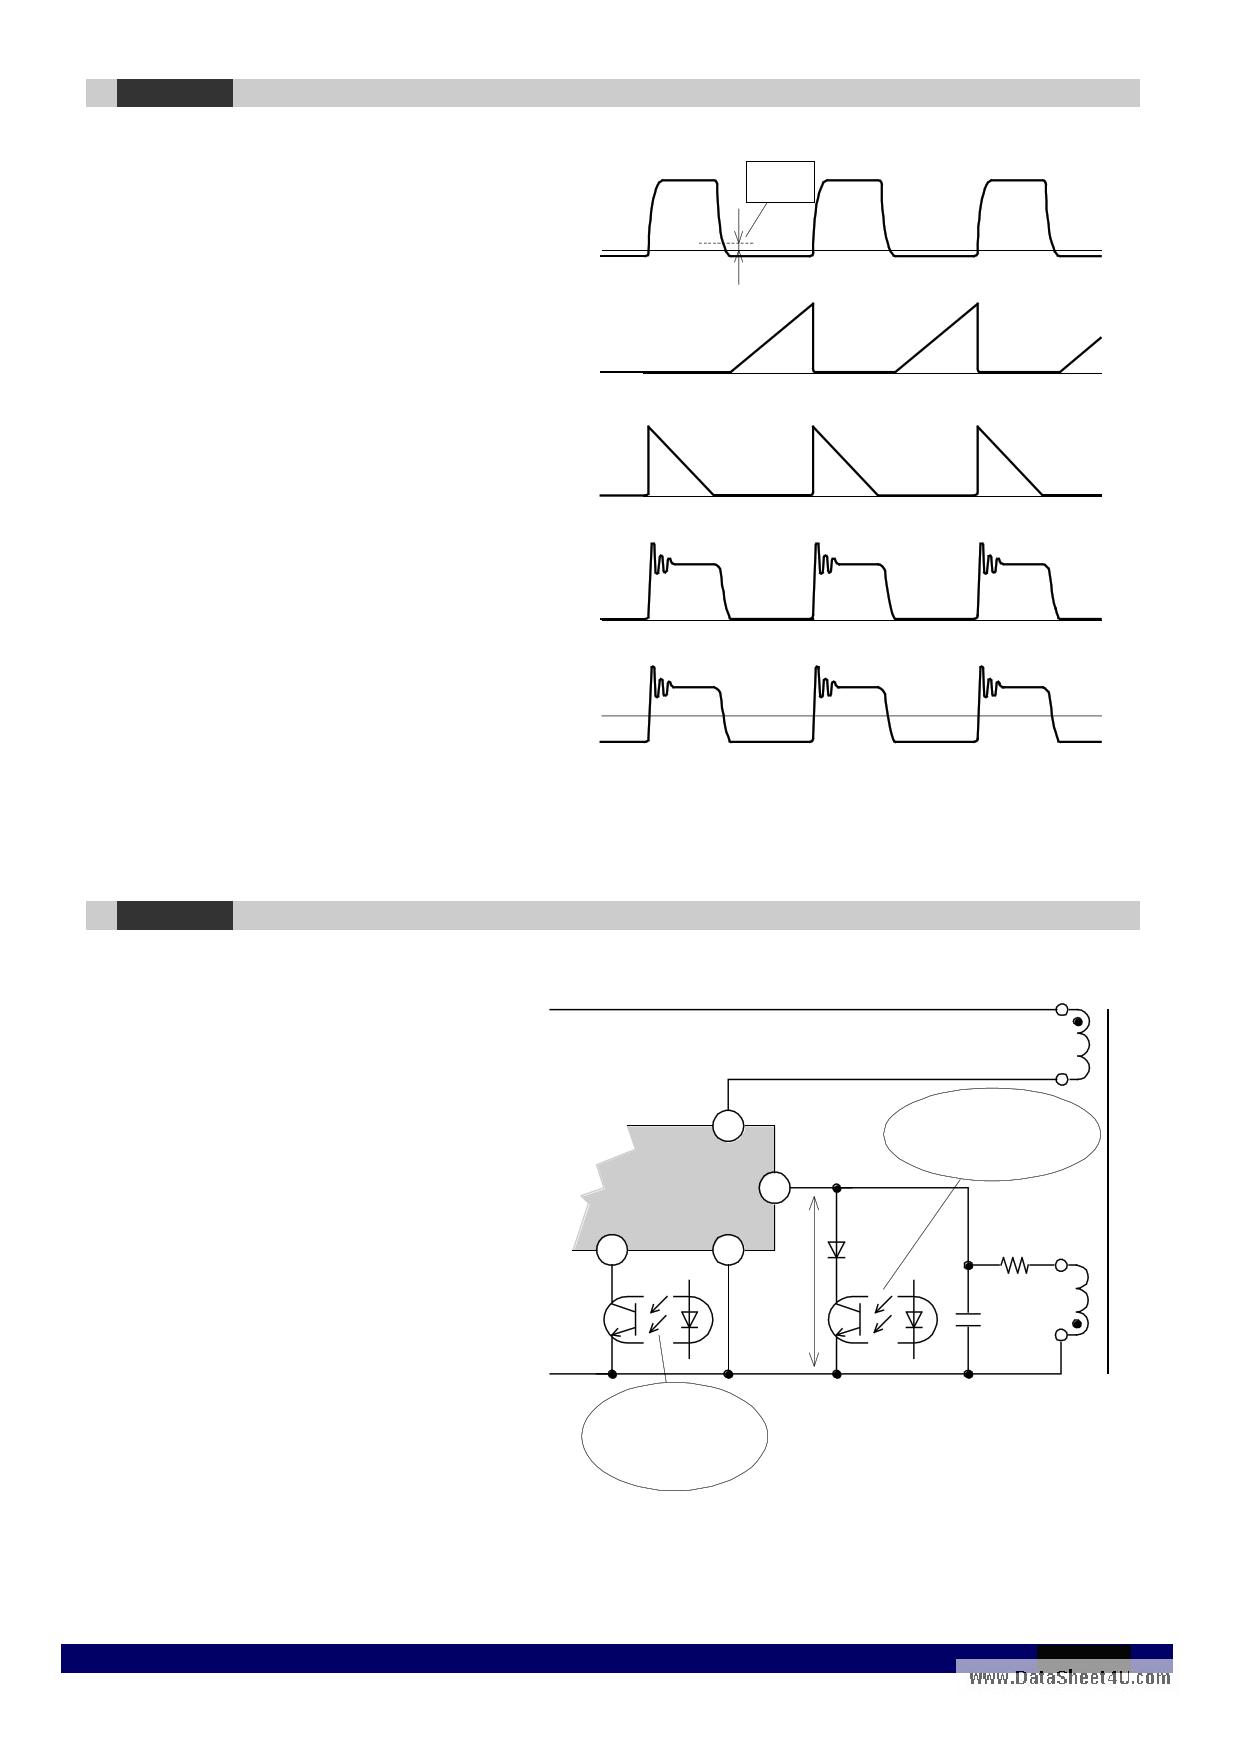 MR1721 pdf, schematic